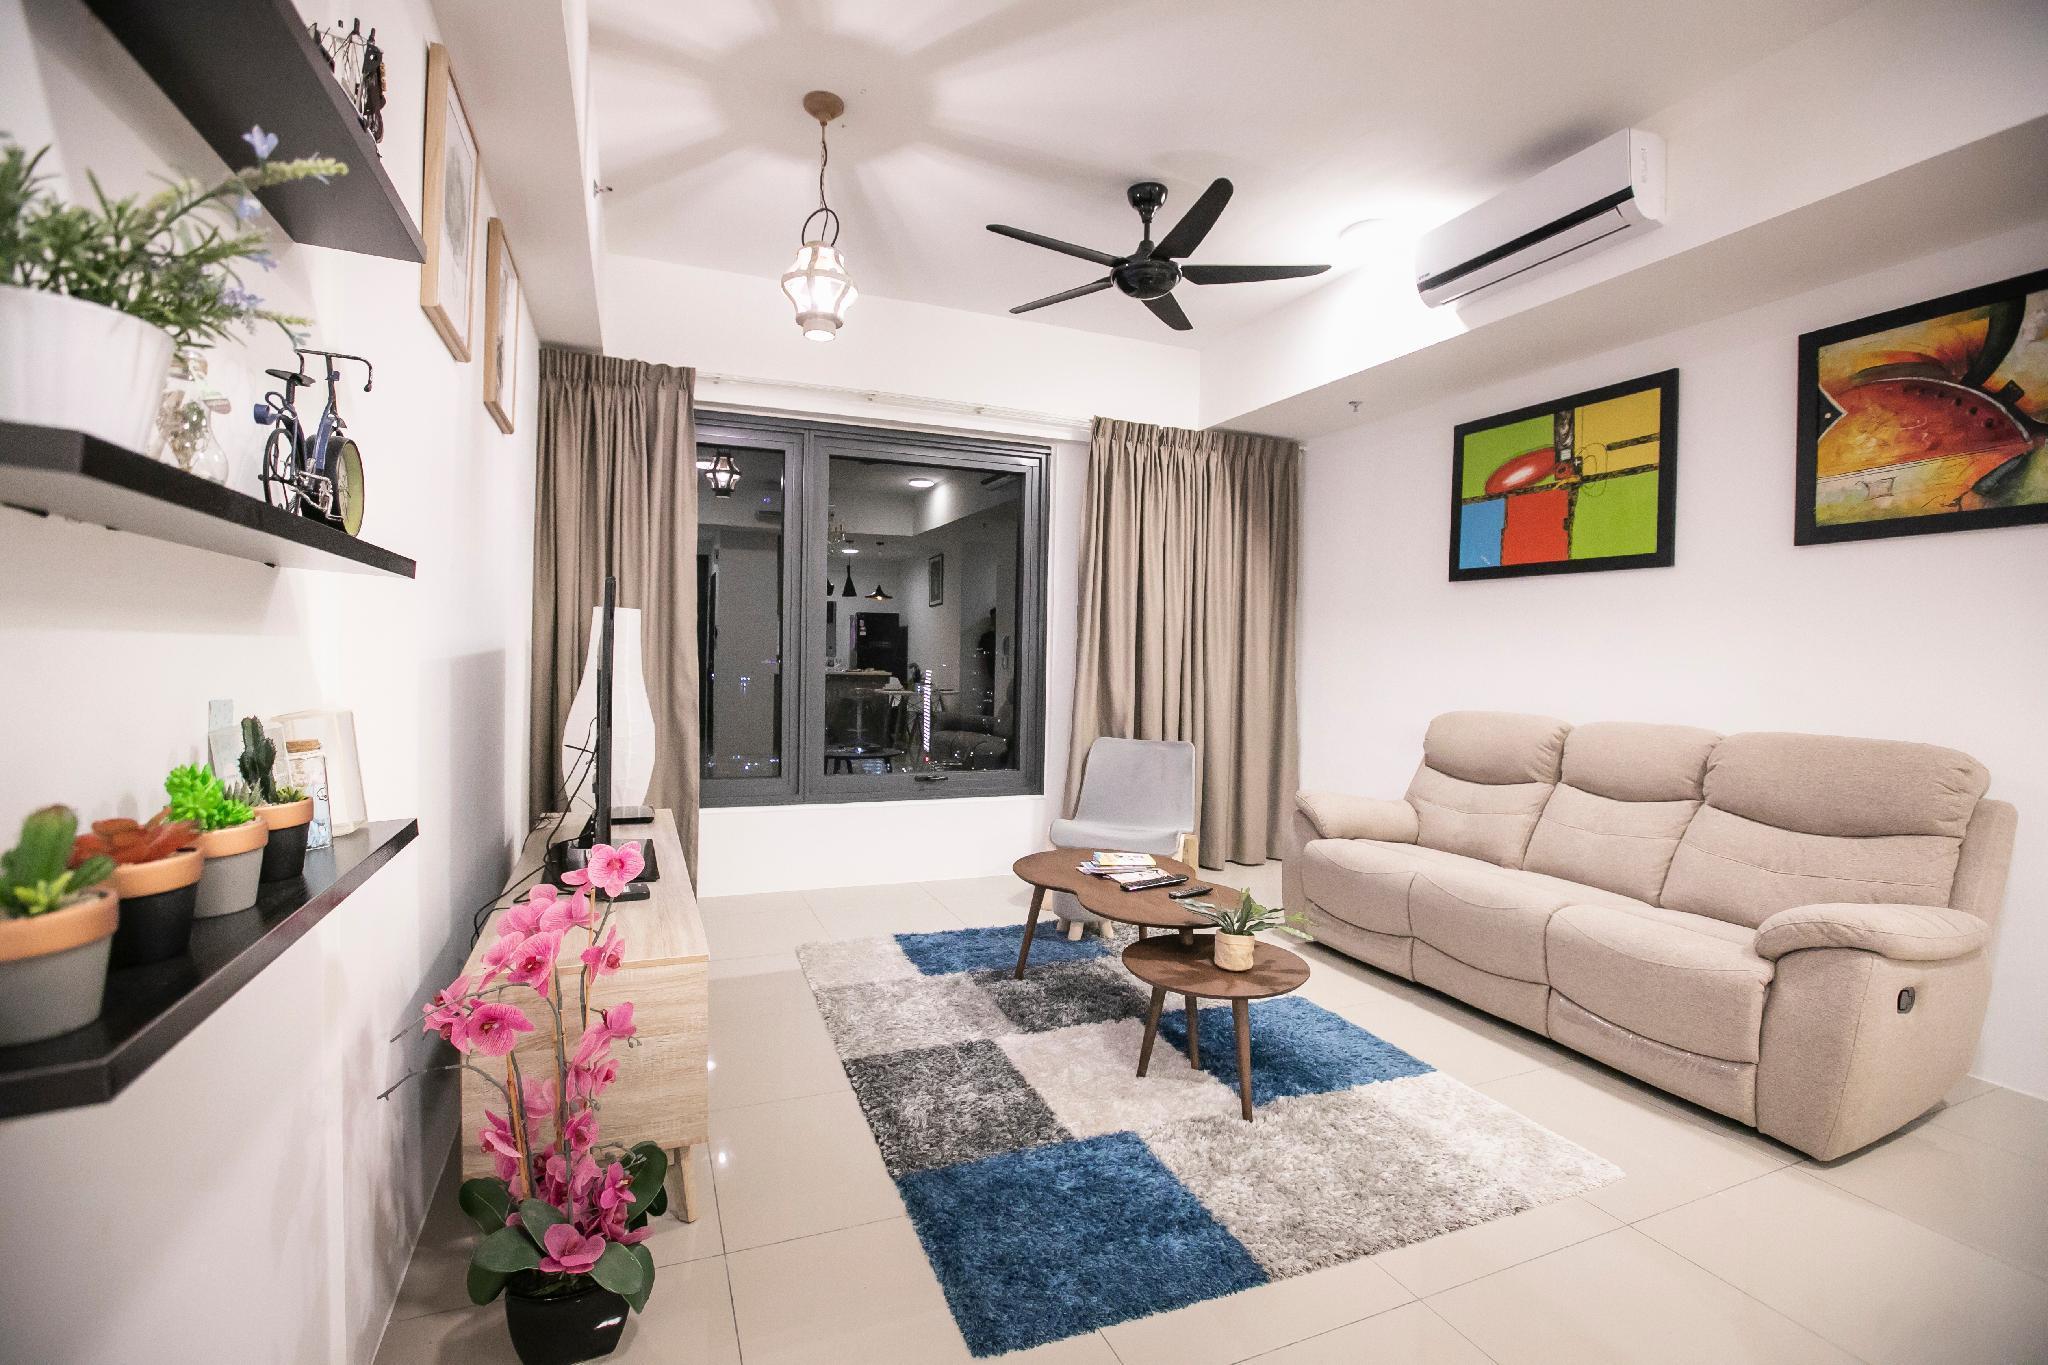 Tropicana High Floor Luxury 3BR Suite